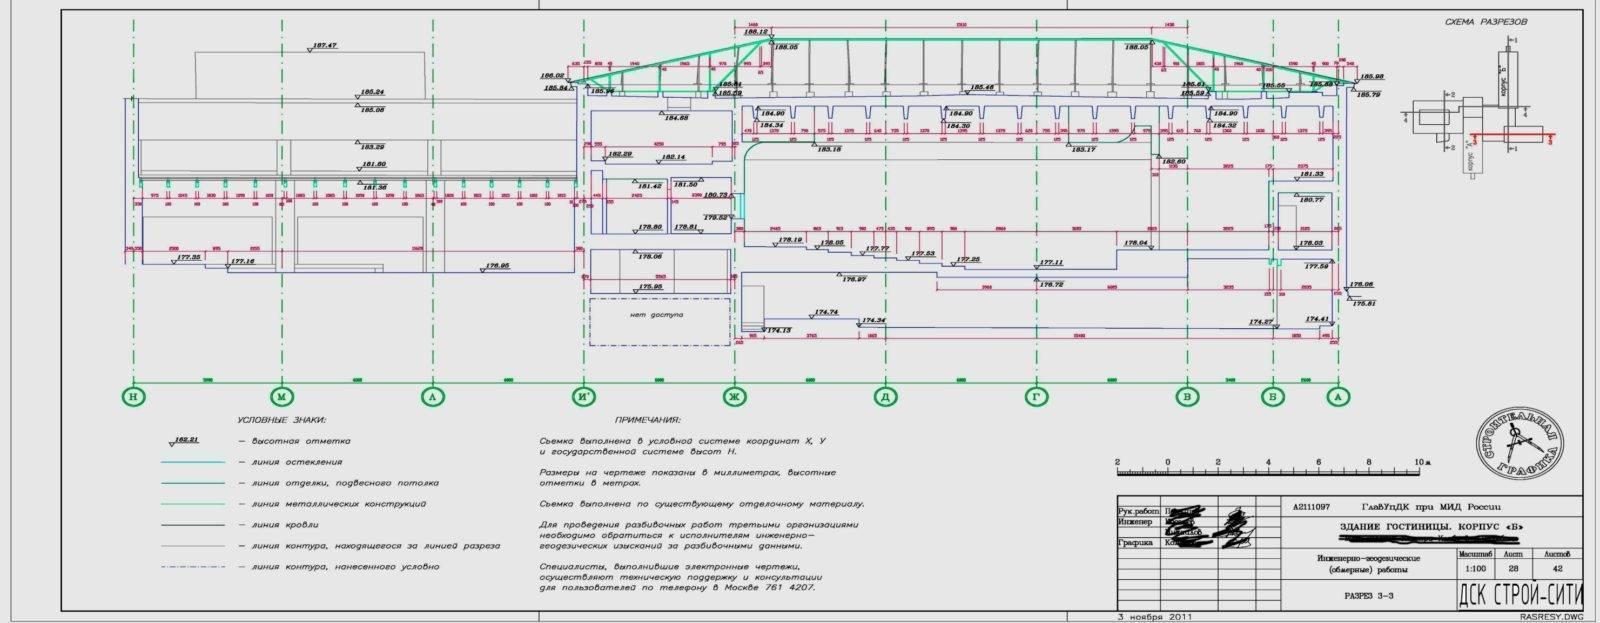 Что такое проектная документация в строительстве?